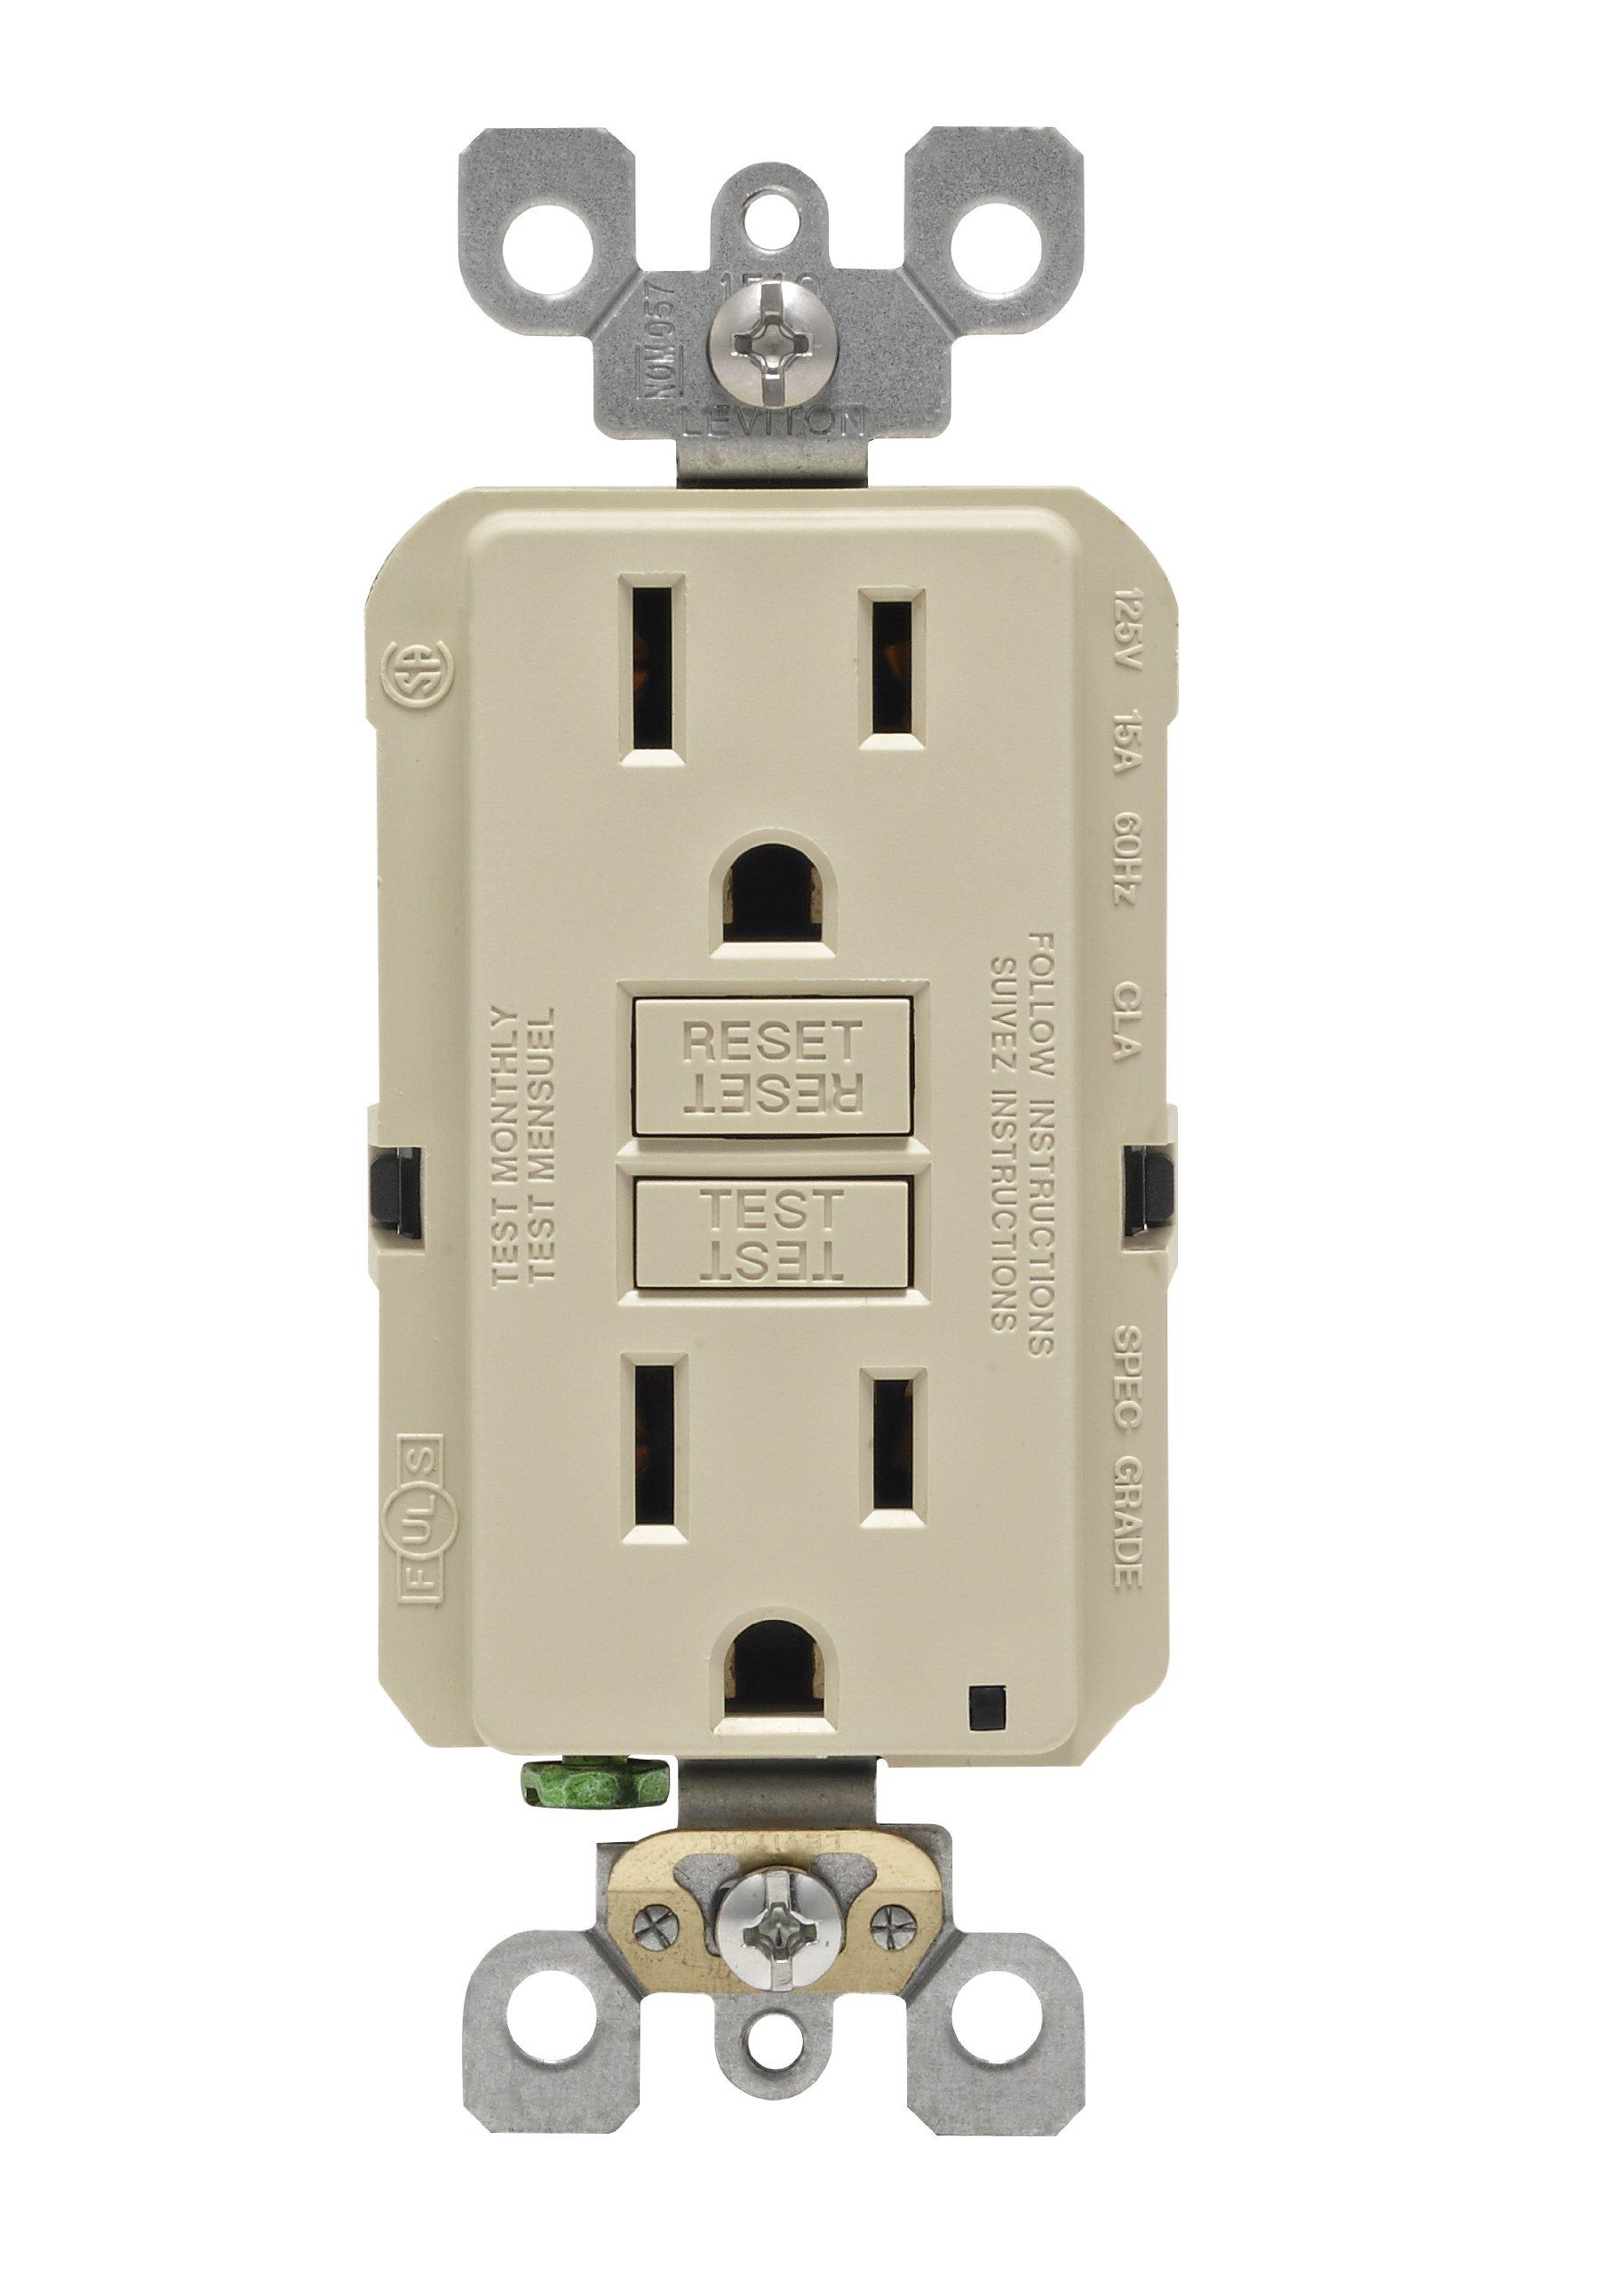 Leviton N7599-I 15-Amp 125-Volt SmartLock Pro Slim Non-Tamper-Resistant Duplex GFCI Receptacle, Ivory